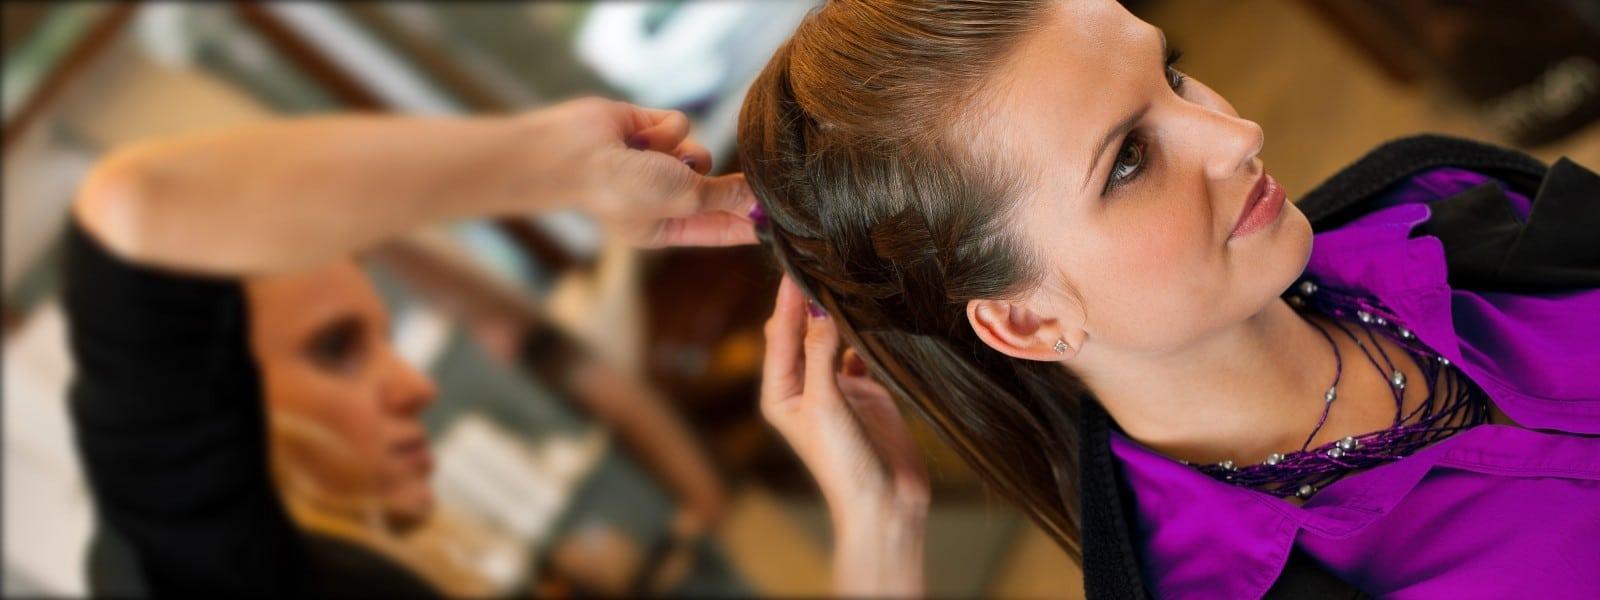 Hair Salon Atascocita